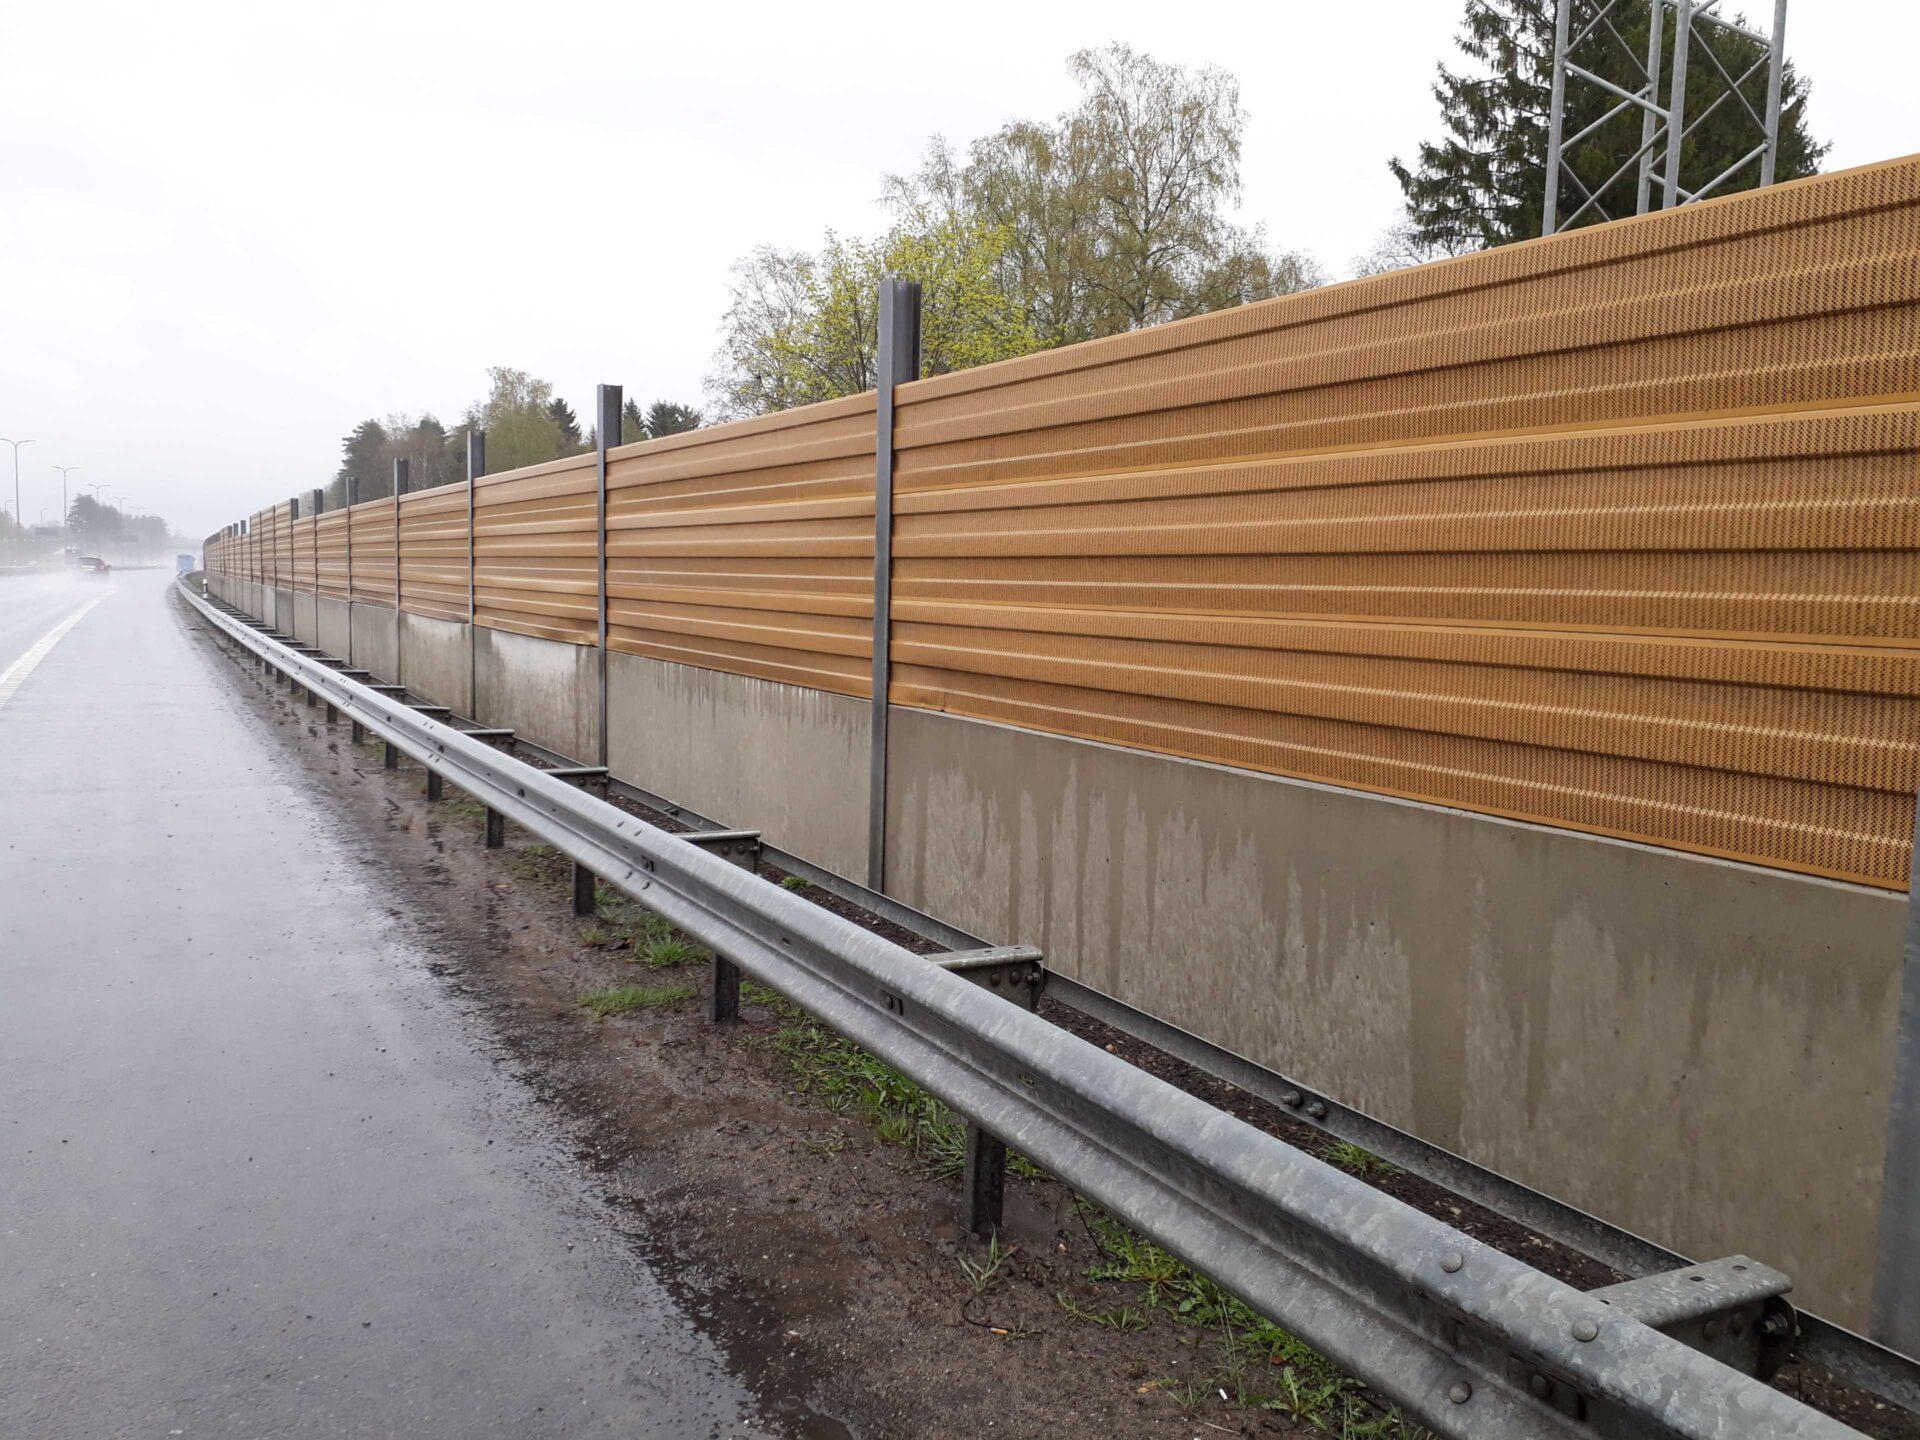 Riigitee nr 11 Tallinna ringtee km 17,5-19,0 Luige müraseina ekspertiishinnangu koostamine